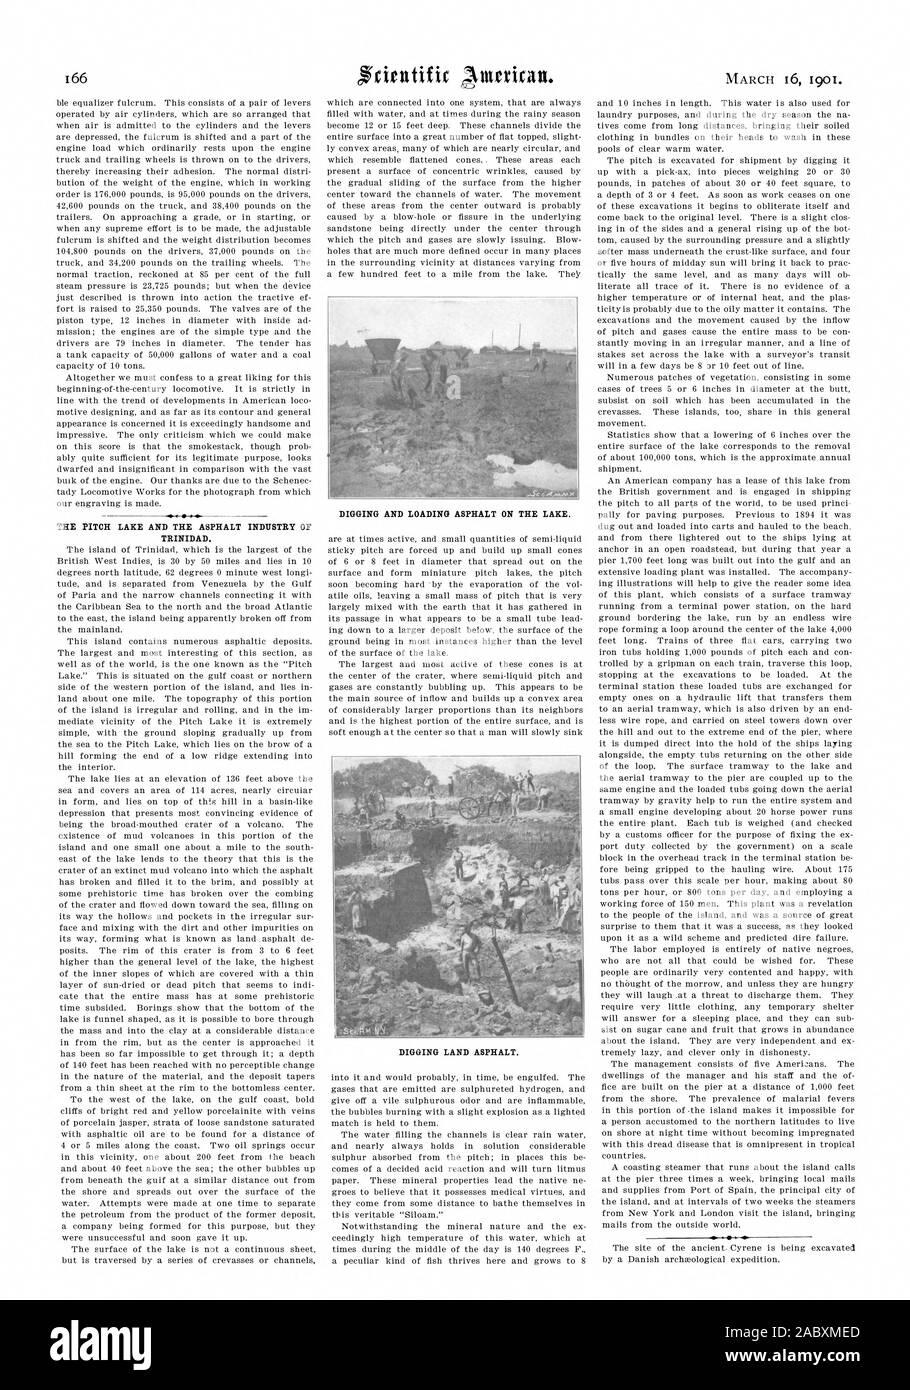 Il passo del lago e l'asfalto dell'industria di Trinidad. Lo scavo e il caricamento di asfalto sul lago., Scientific American, 01-03-16 Foto Stock